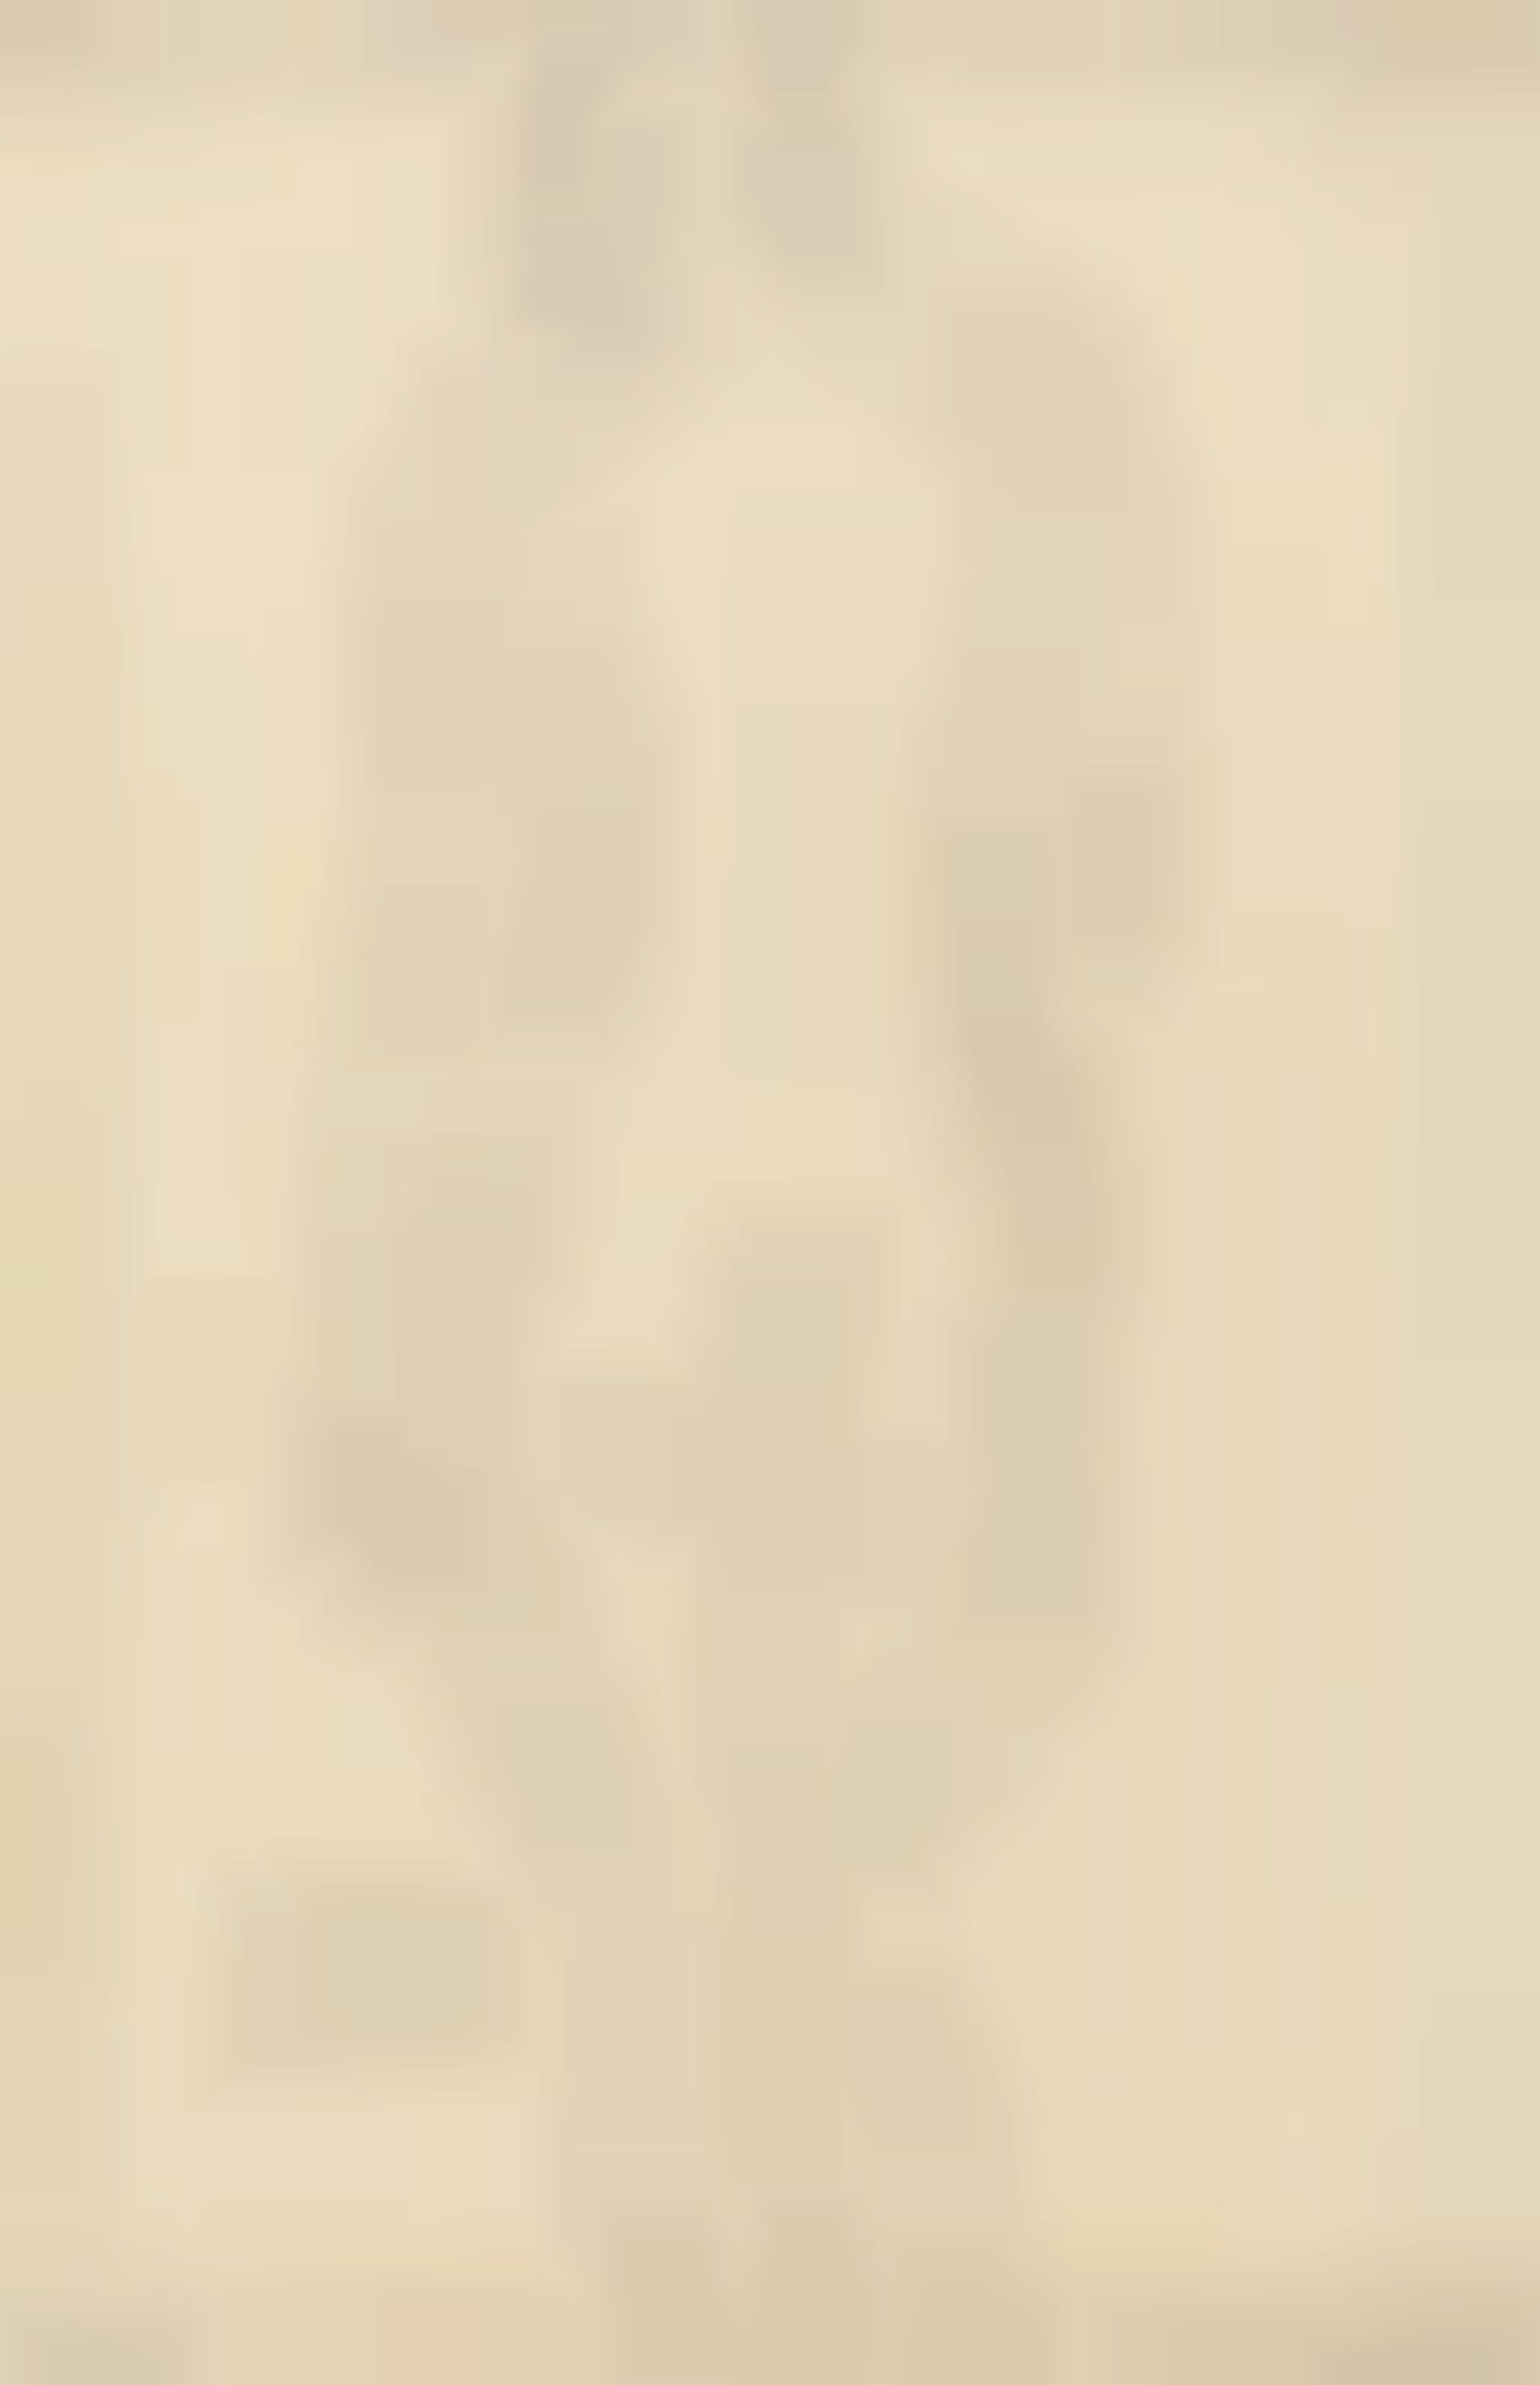 Gustav Klimt-Stehender Ruckenakt Etwas Nach Links-1913